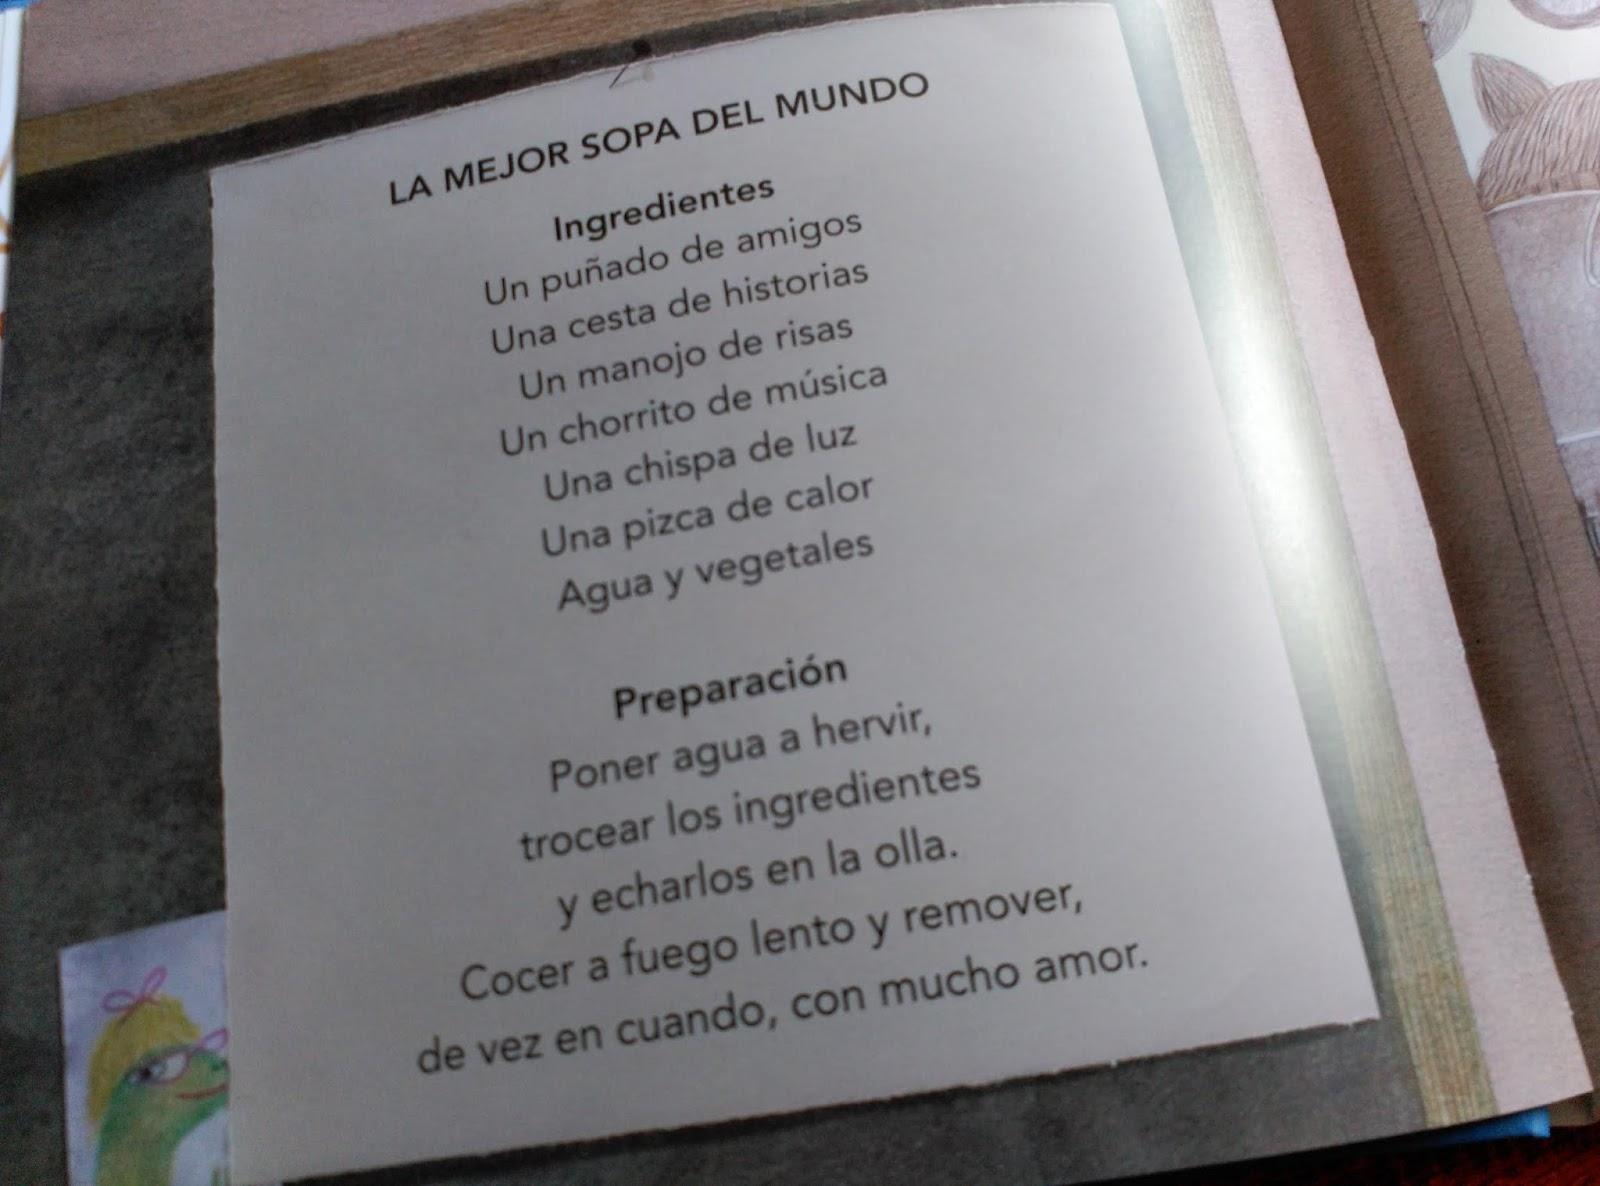 Diario del buen lifestyle la mejor sopa del mundo for Mejor sofa del mundo